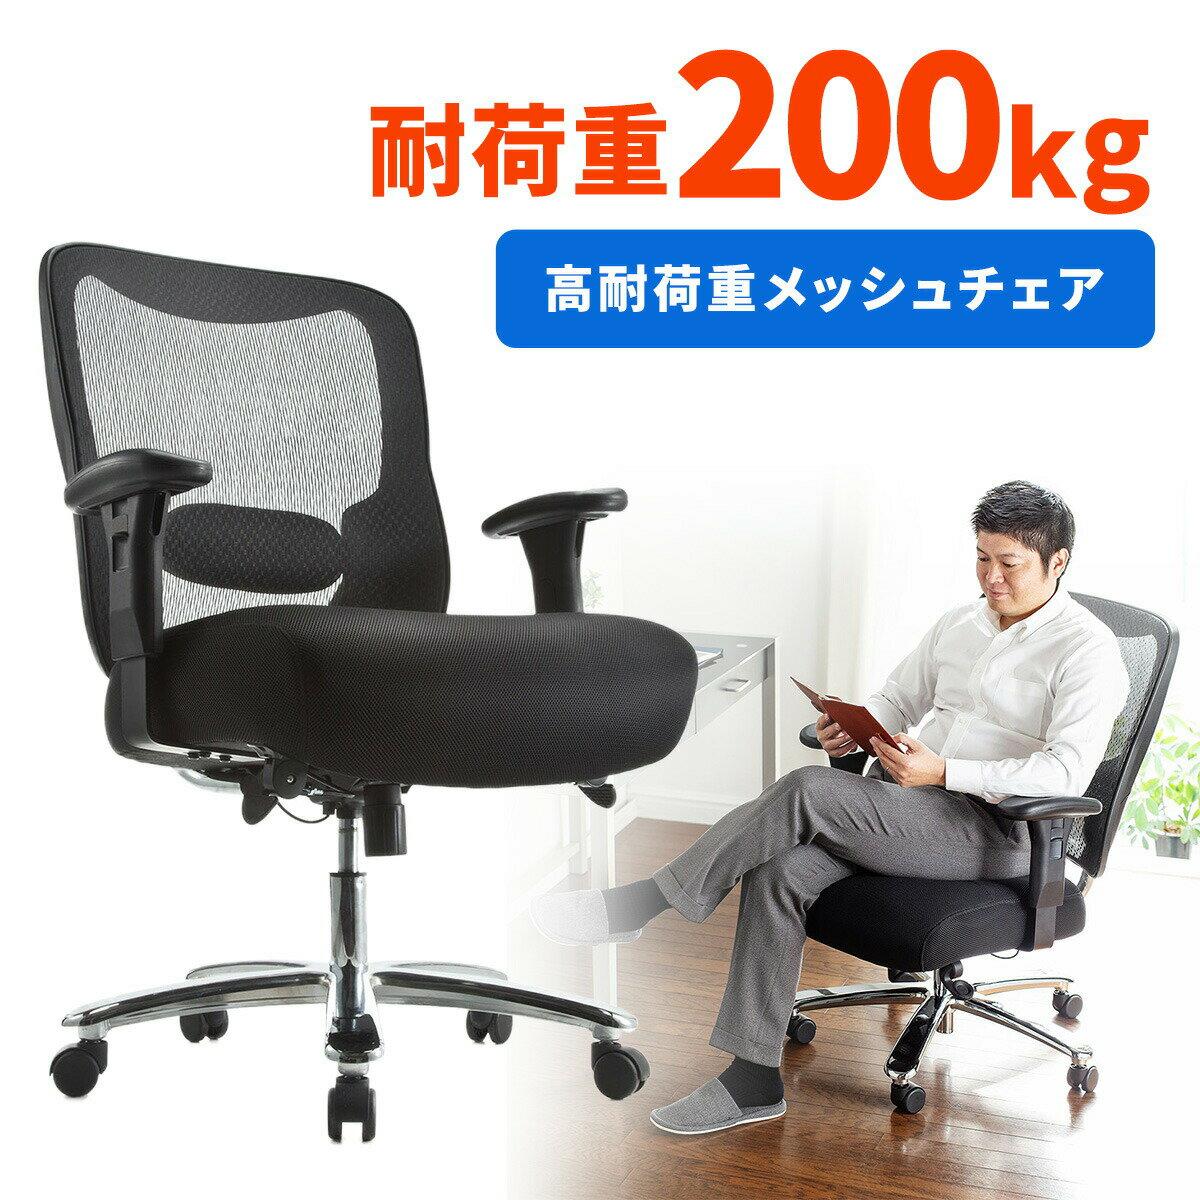 メッシュチェア ネットチェア 耐荷重200kg ロッキング キャスター ランバーサポート 肘付 オフィスチェア 椅子 腰痛対策 [150-SNCM001]【サンワダイレクト限定品】【送料無料】